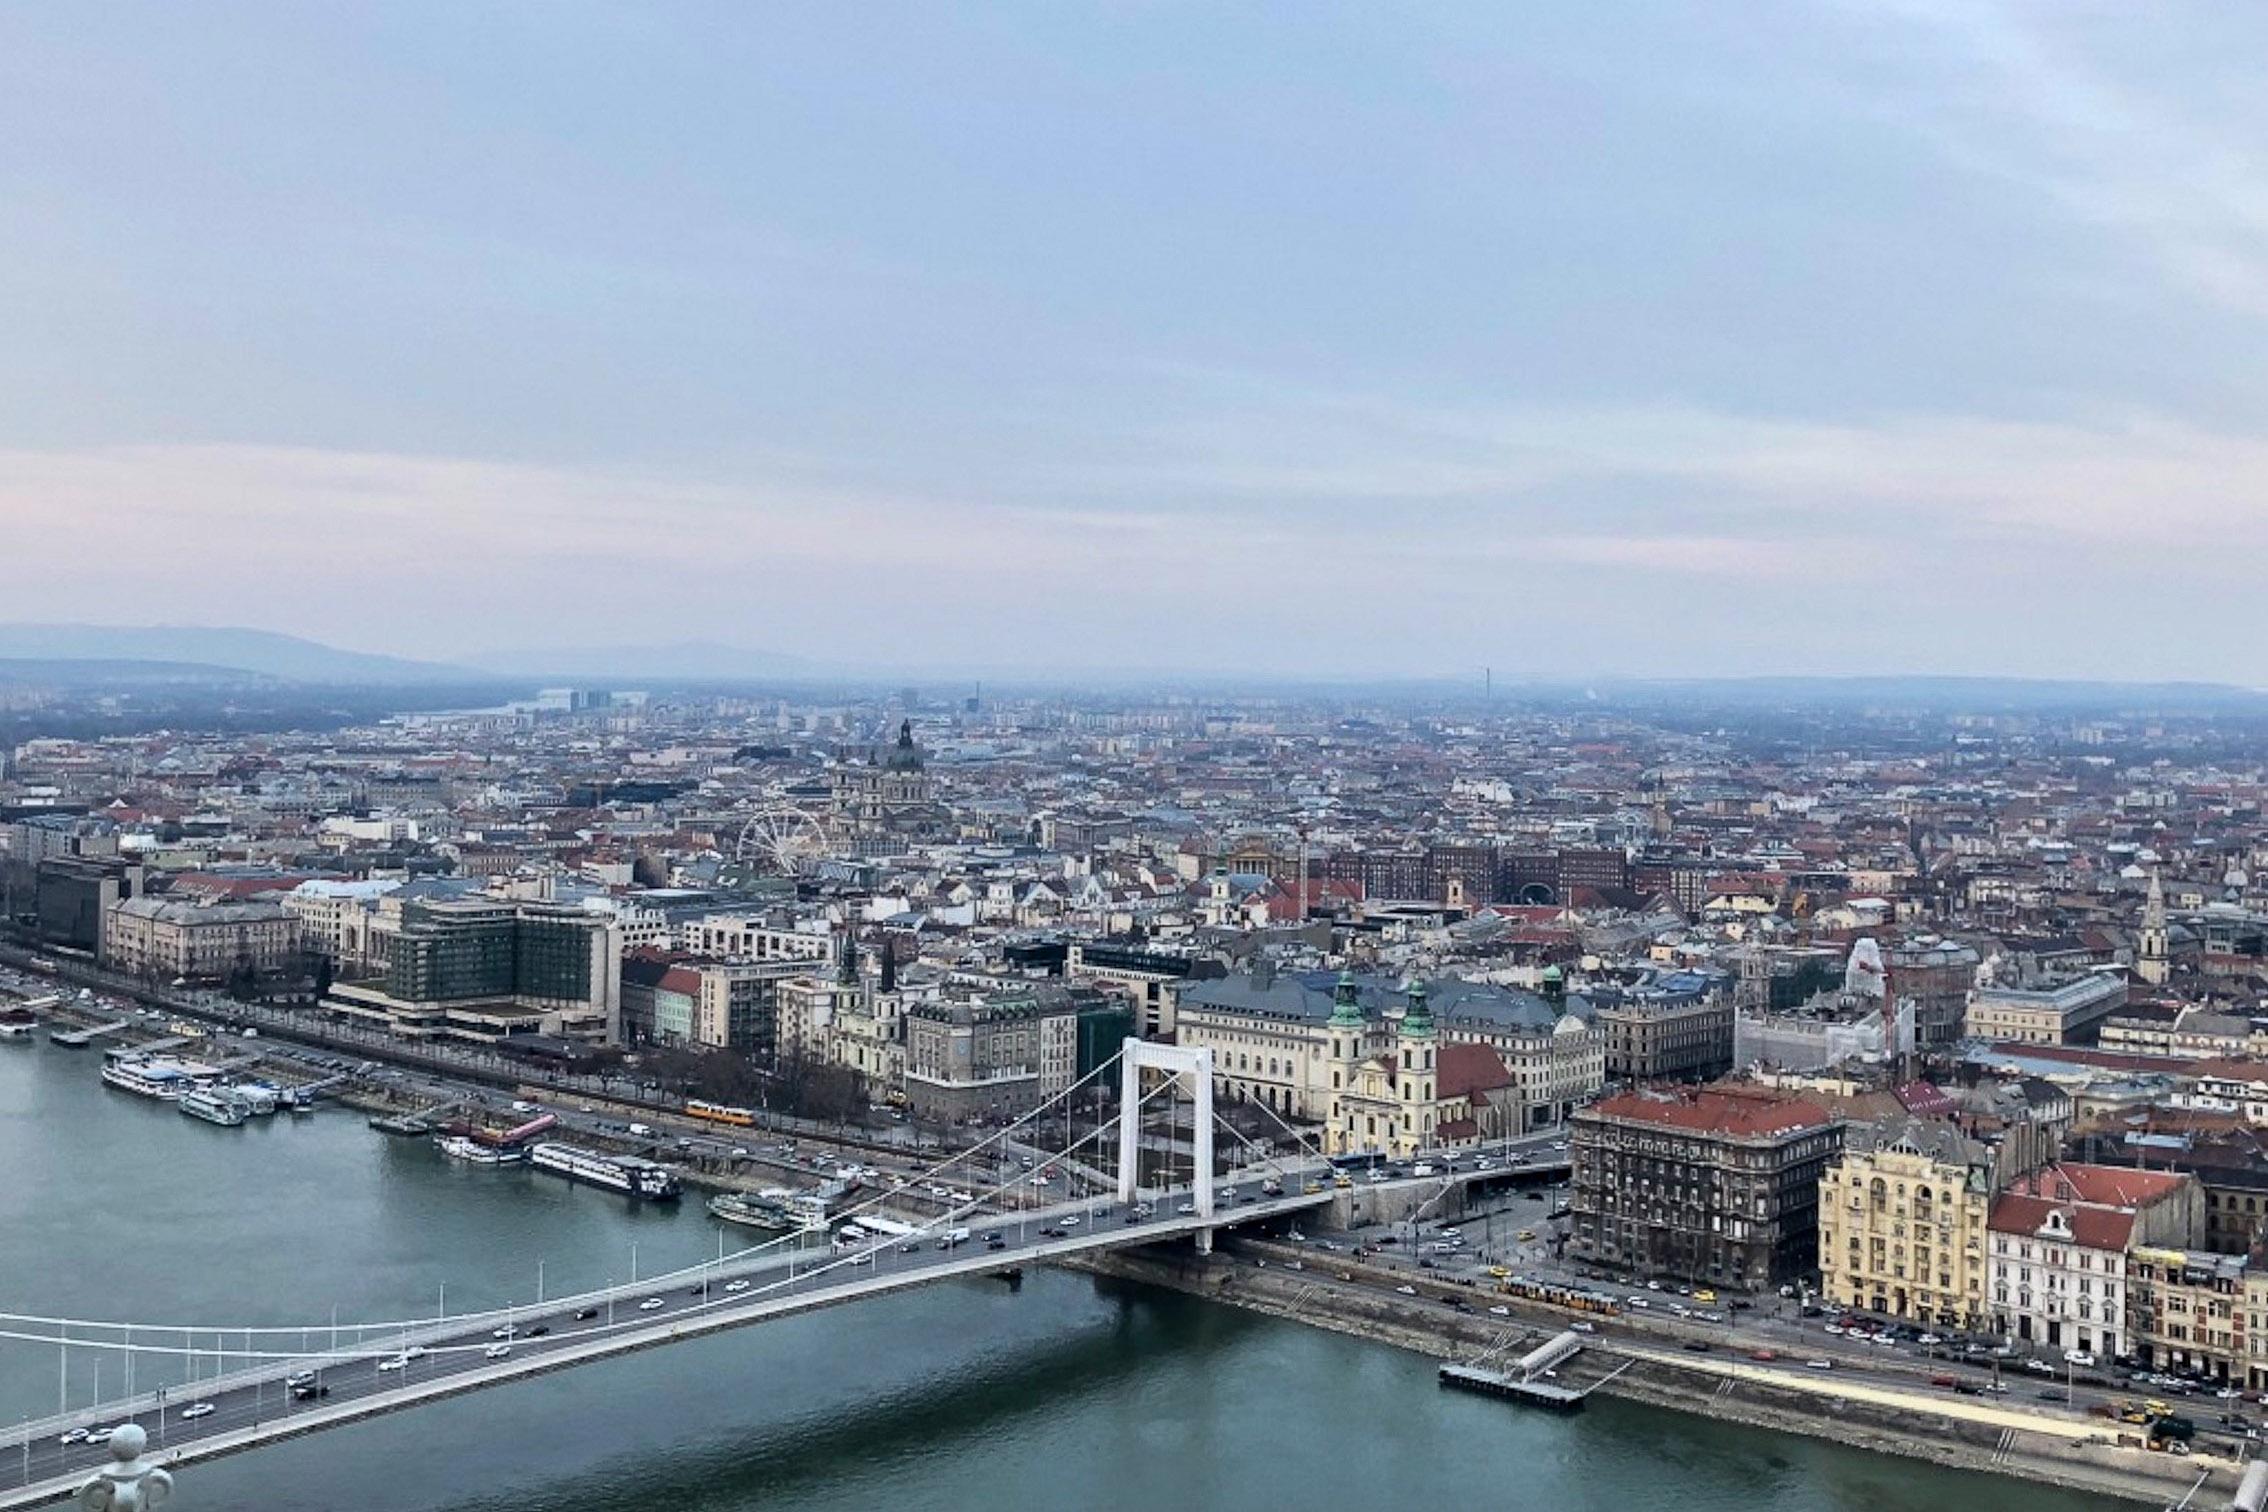 走讀匈牙利布達佩斯,君臨天下蓋勒特丘陵與英雄廣場